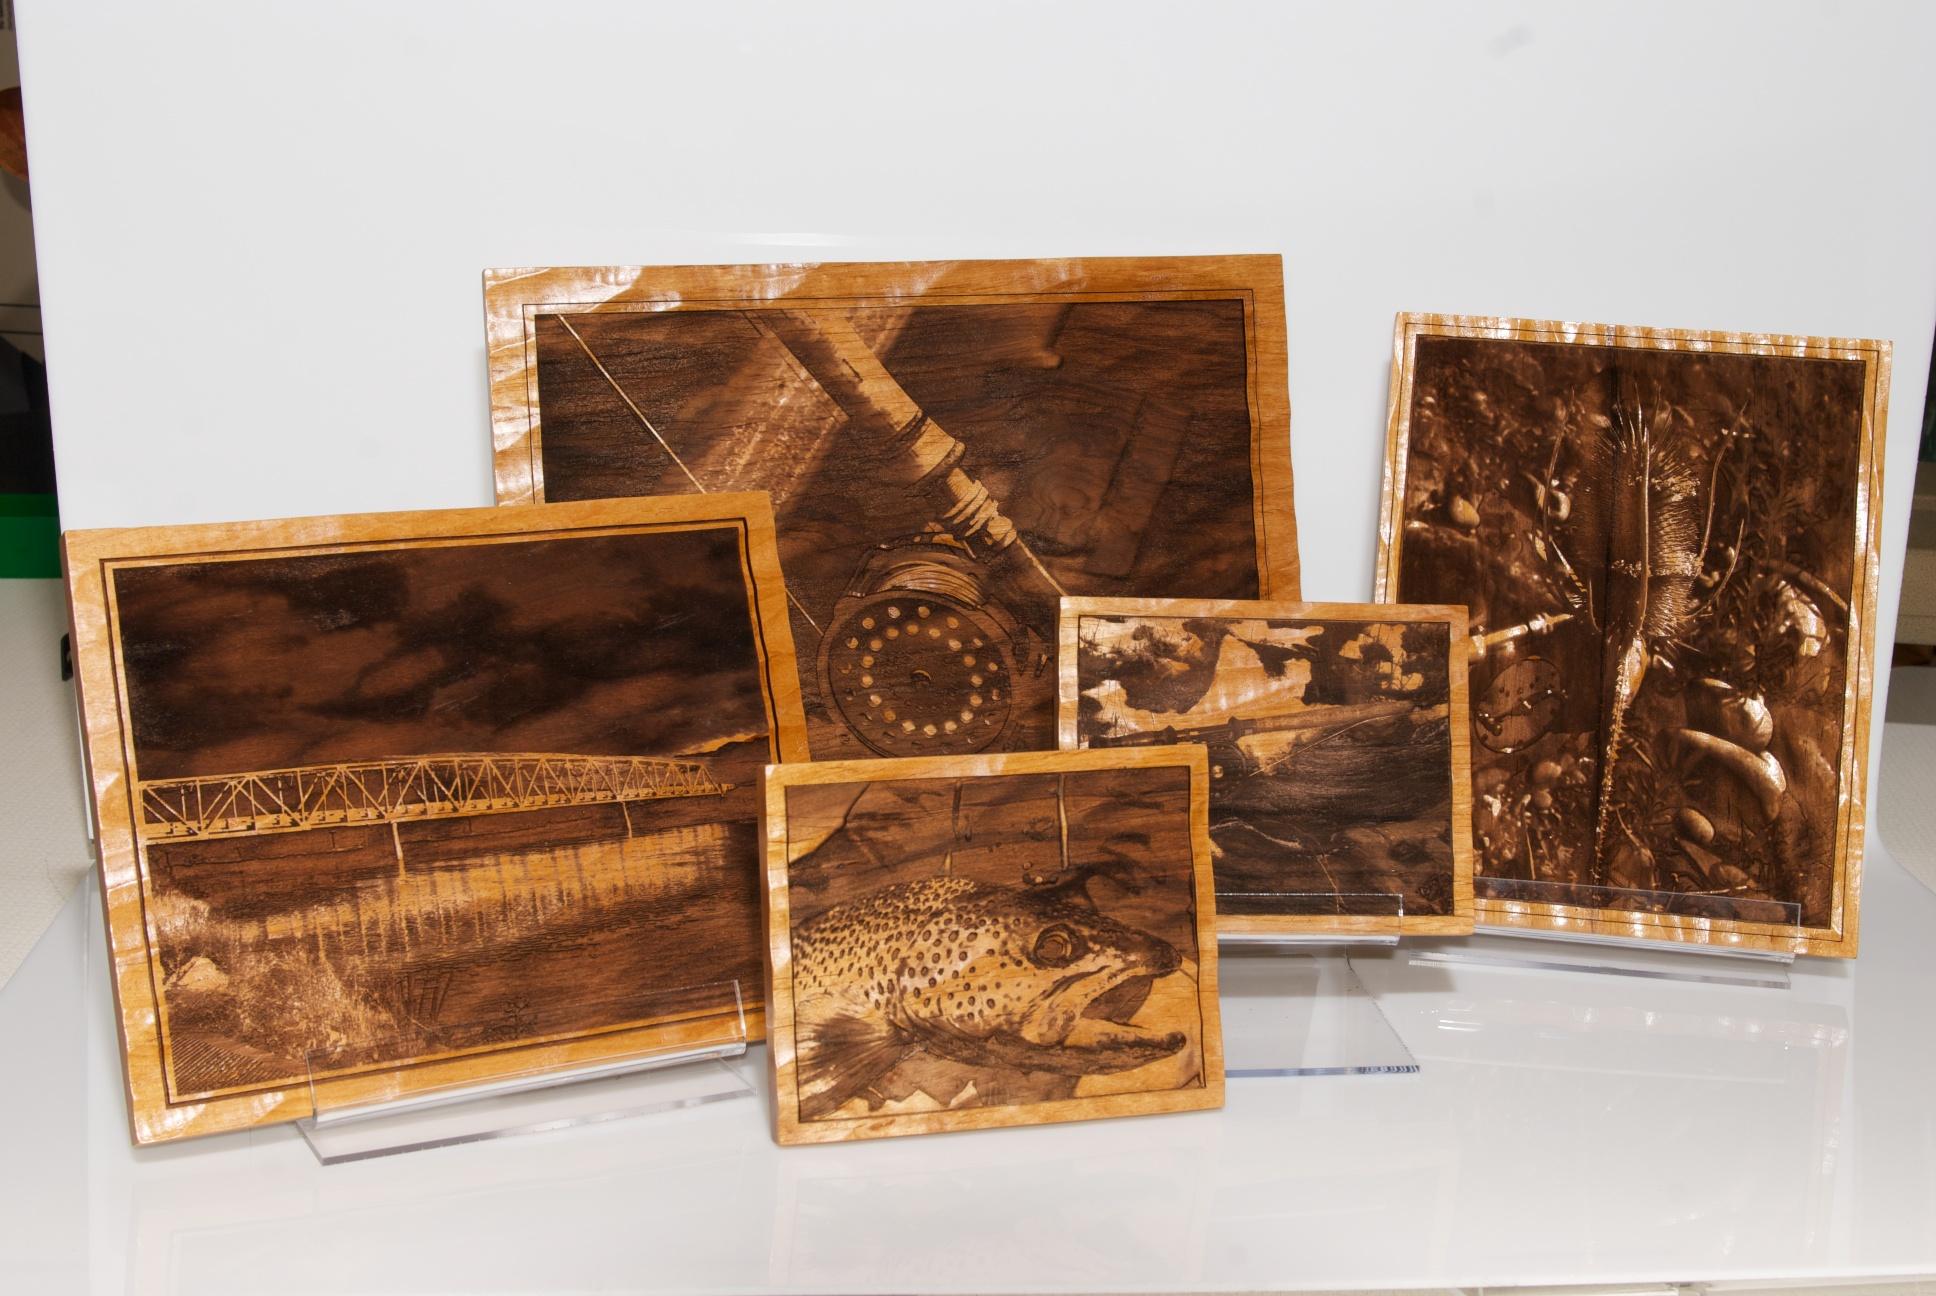 Waterwood Photo Engraving